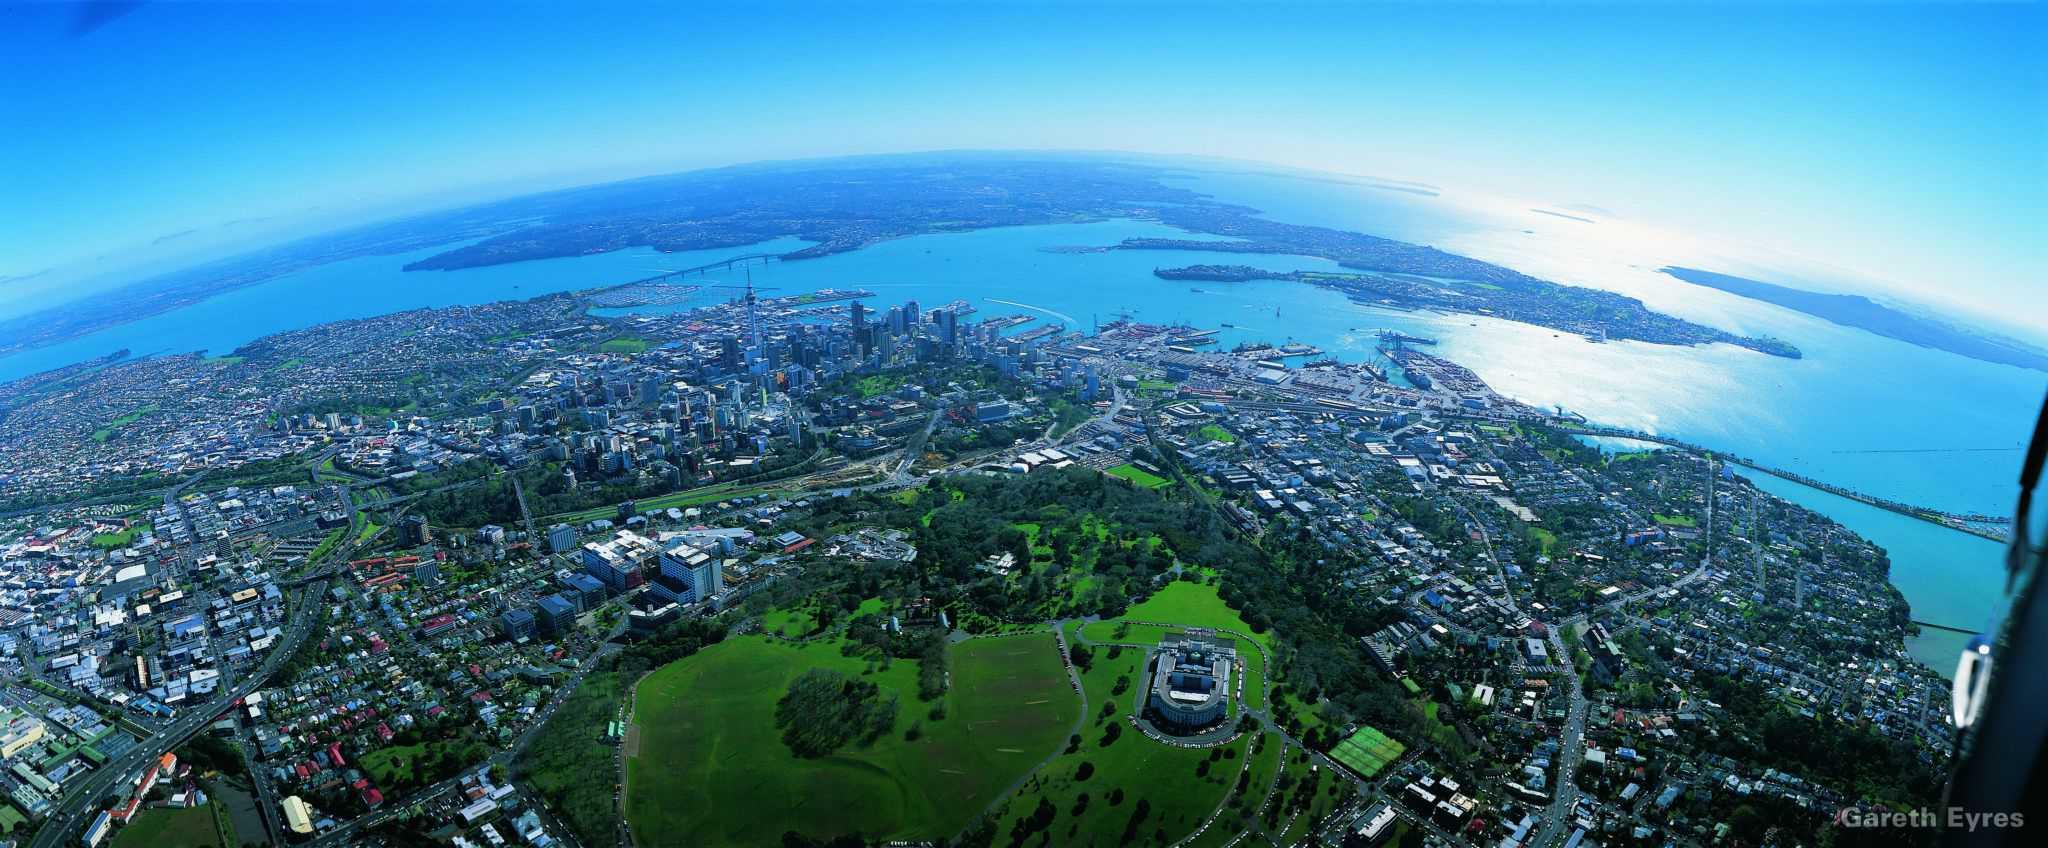 Neuseeland Ausbildung Willkommen bei Neuseeland Ausbildung, dem kostenfreien Beratungsdienst für alle die nach Neuseeland kommen